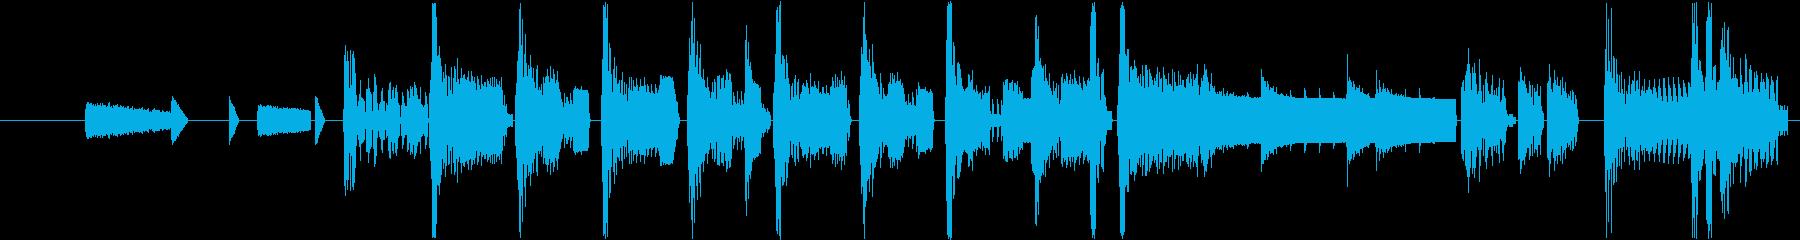 レトロゲーム風の軽快なジングル!の再生済みの波形